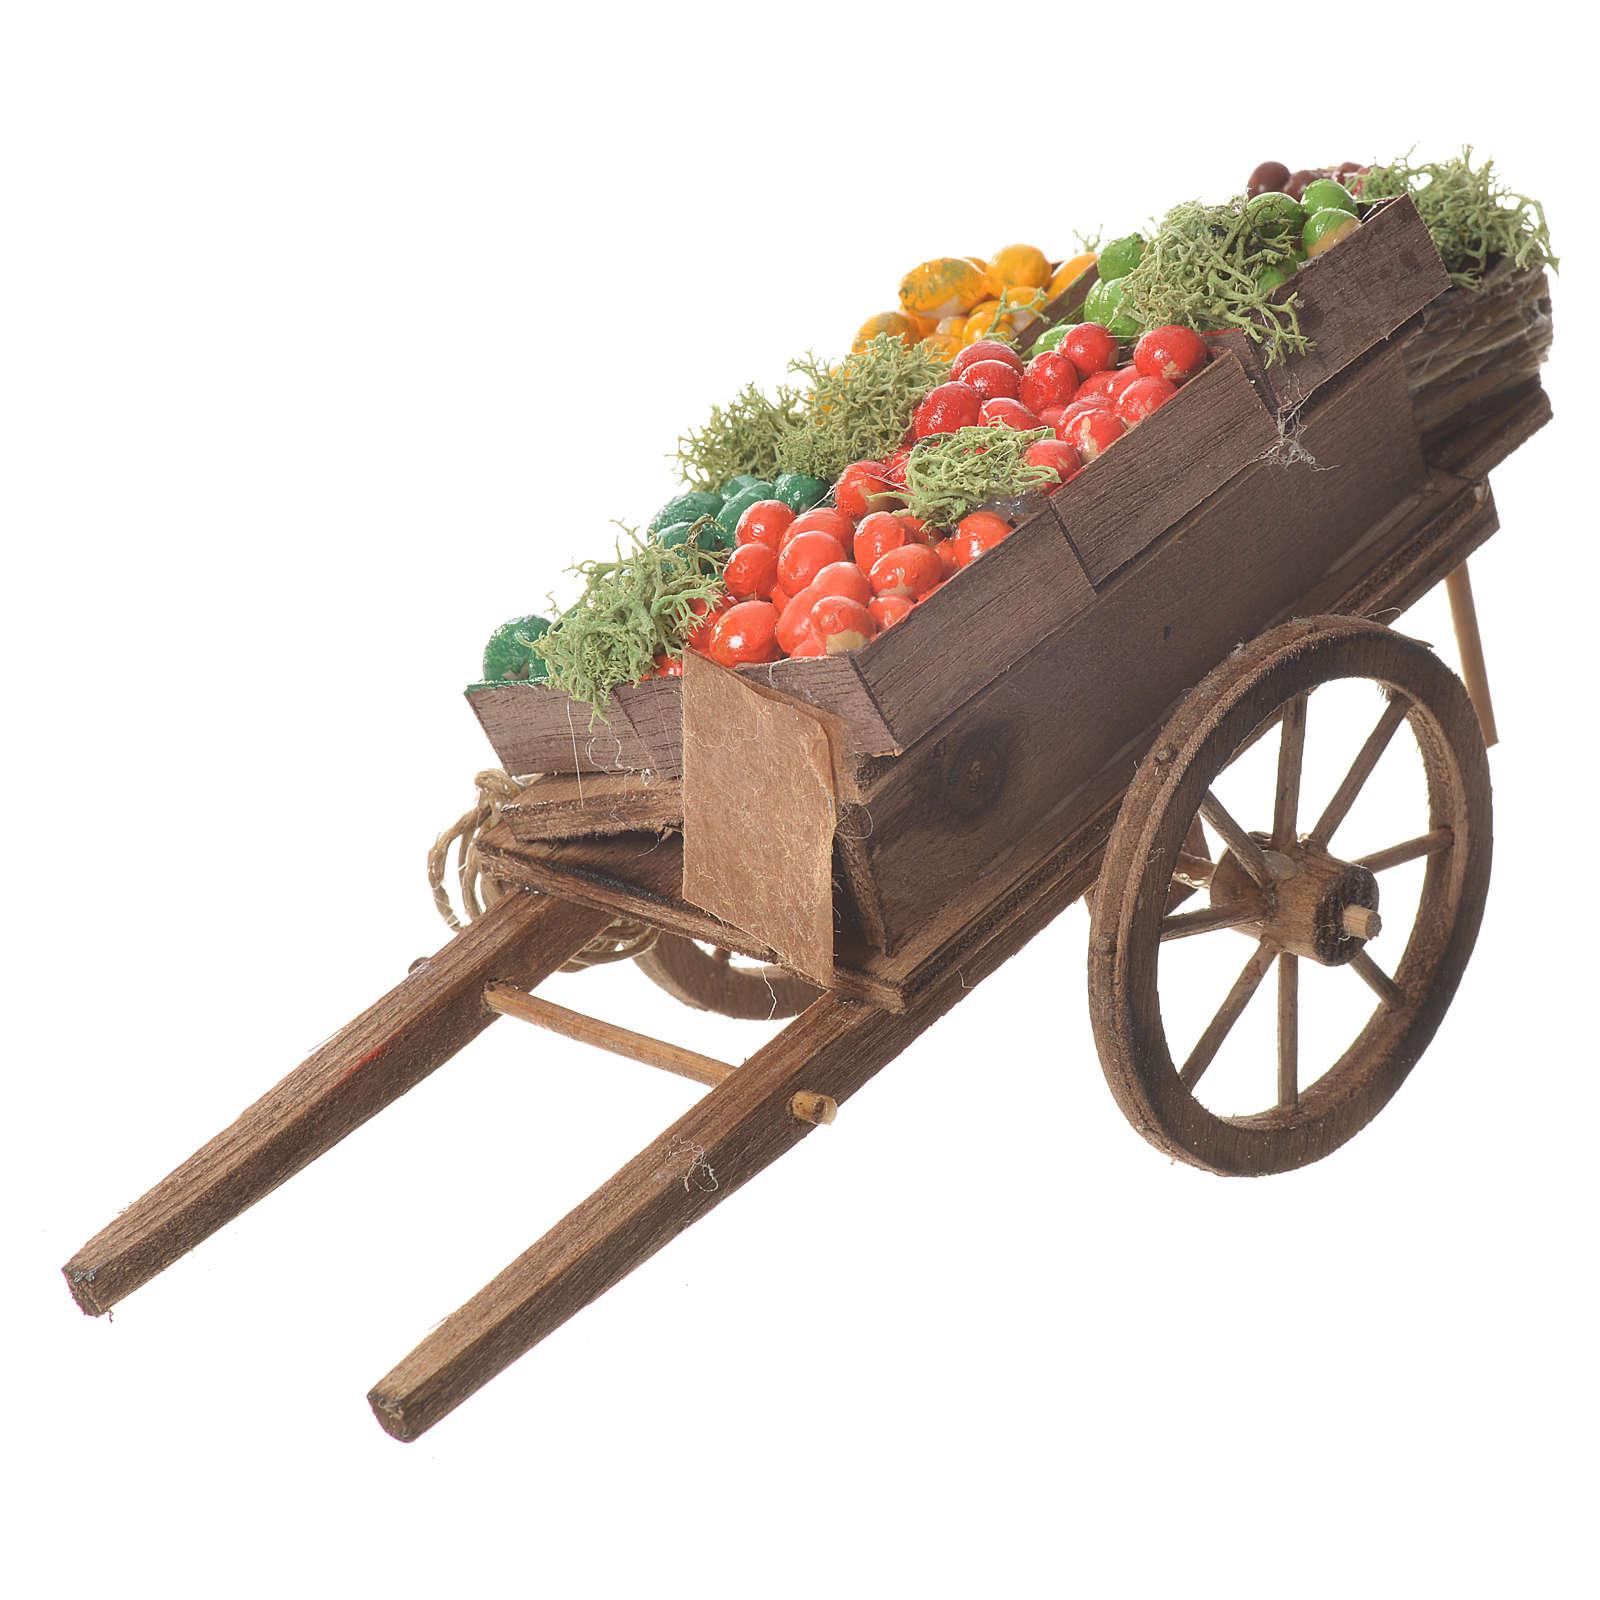 Wóz owoce w skrzynce szopka neapolitańska 18x6 cm 4